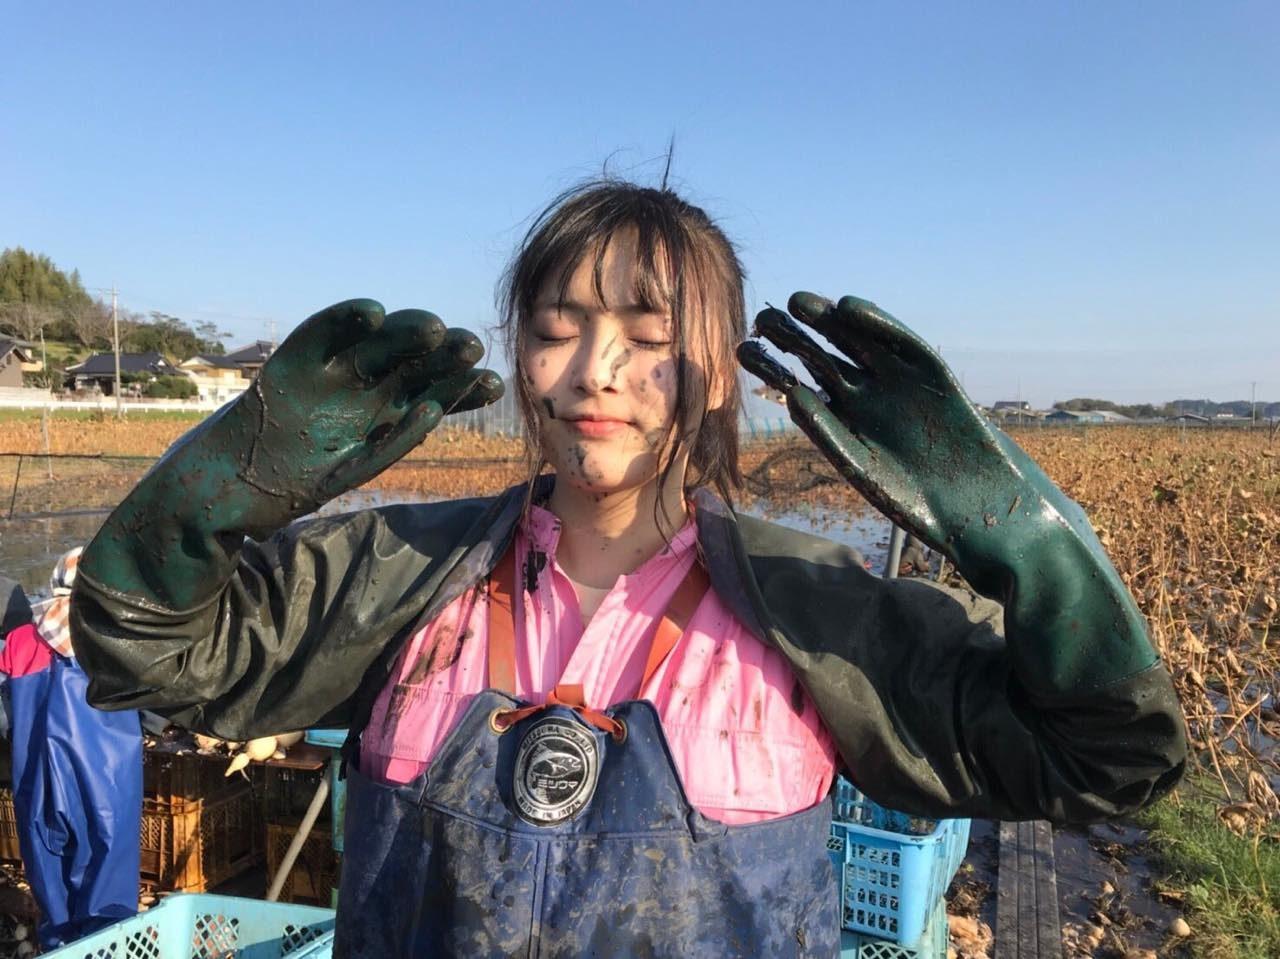 AKB48大森美優「畑でMarry Me!」農家のお宅に2泊3日で泊まり込み! <11月5週目> [11/29 22:54~]